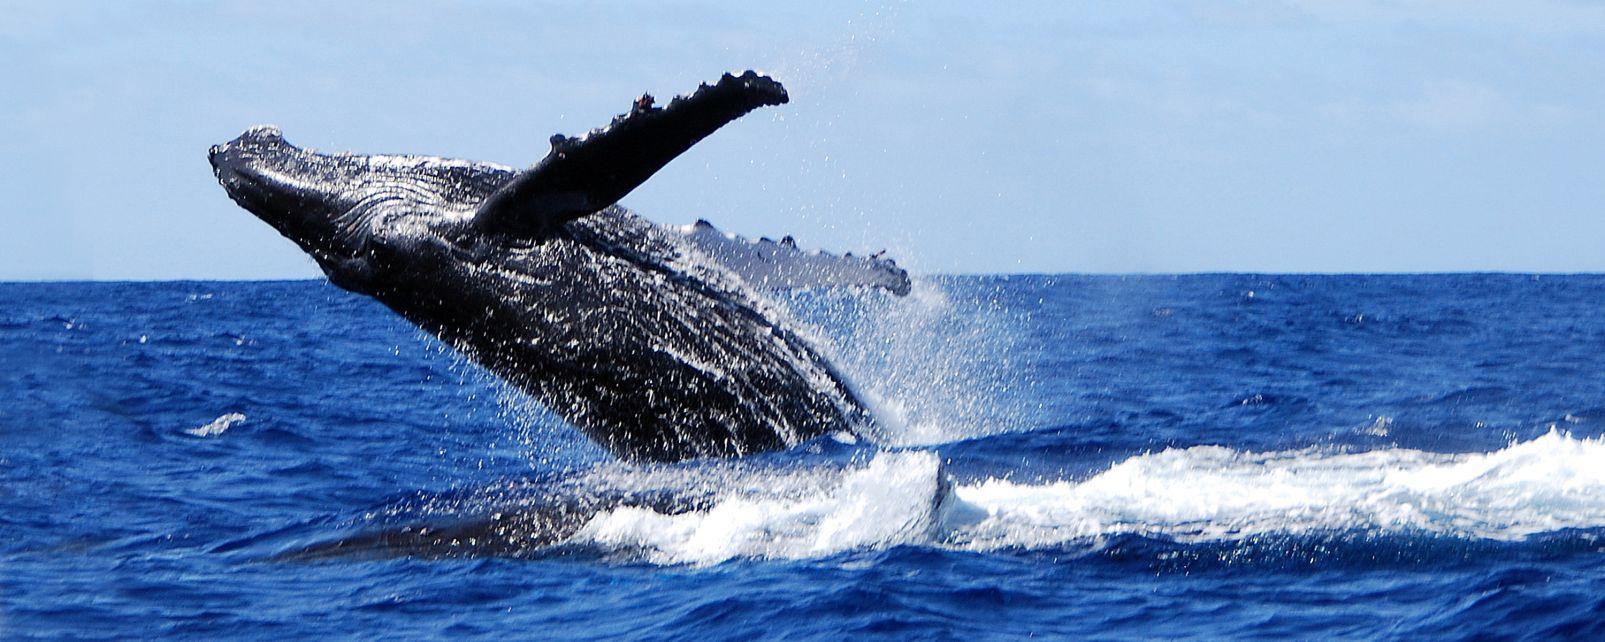 , Las ballenas jorobadas, Fauna y flora, Polinesia Australes